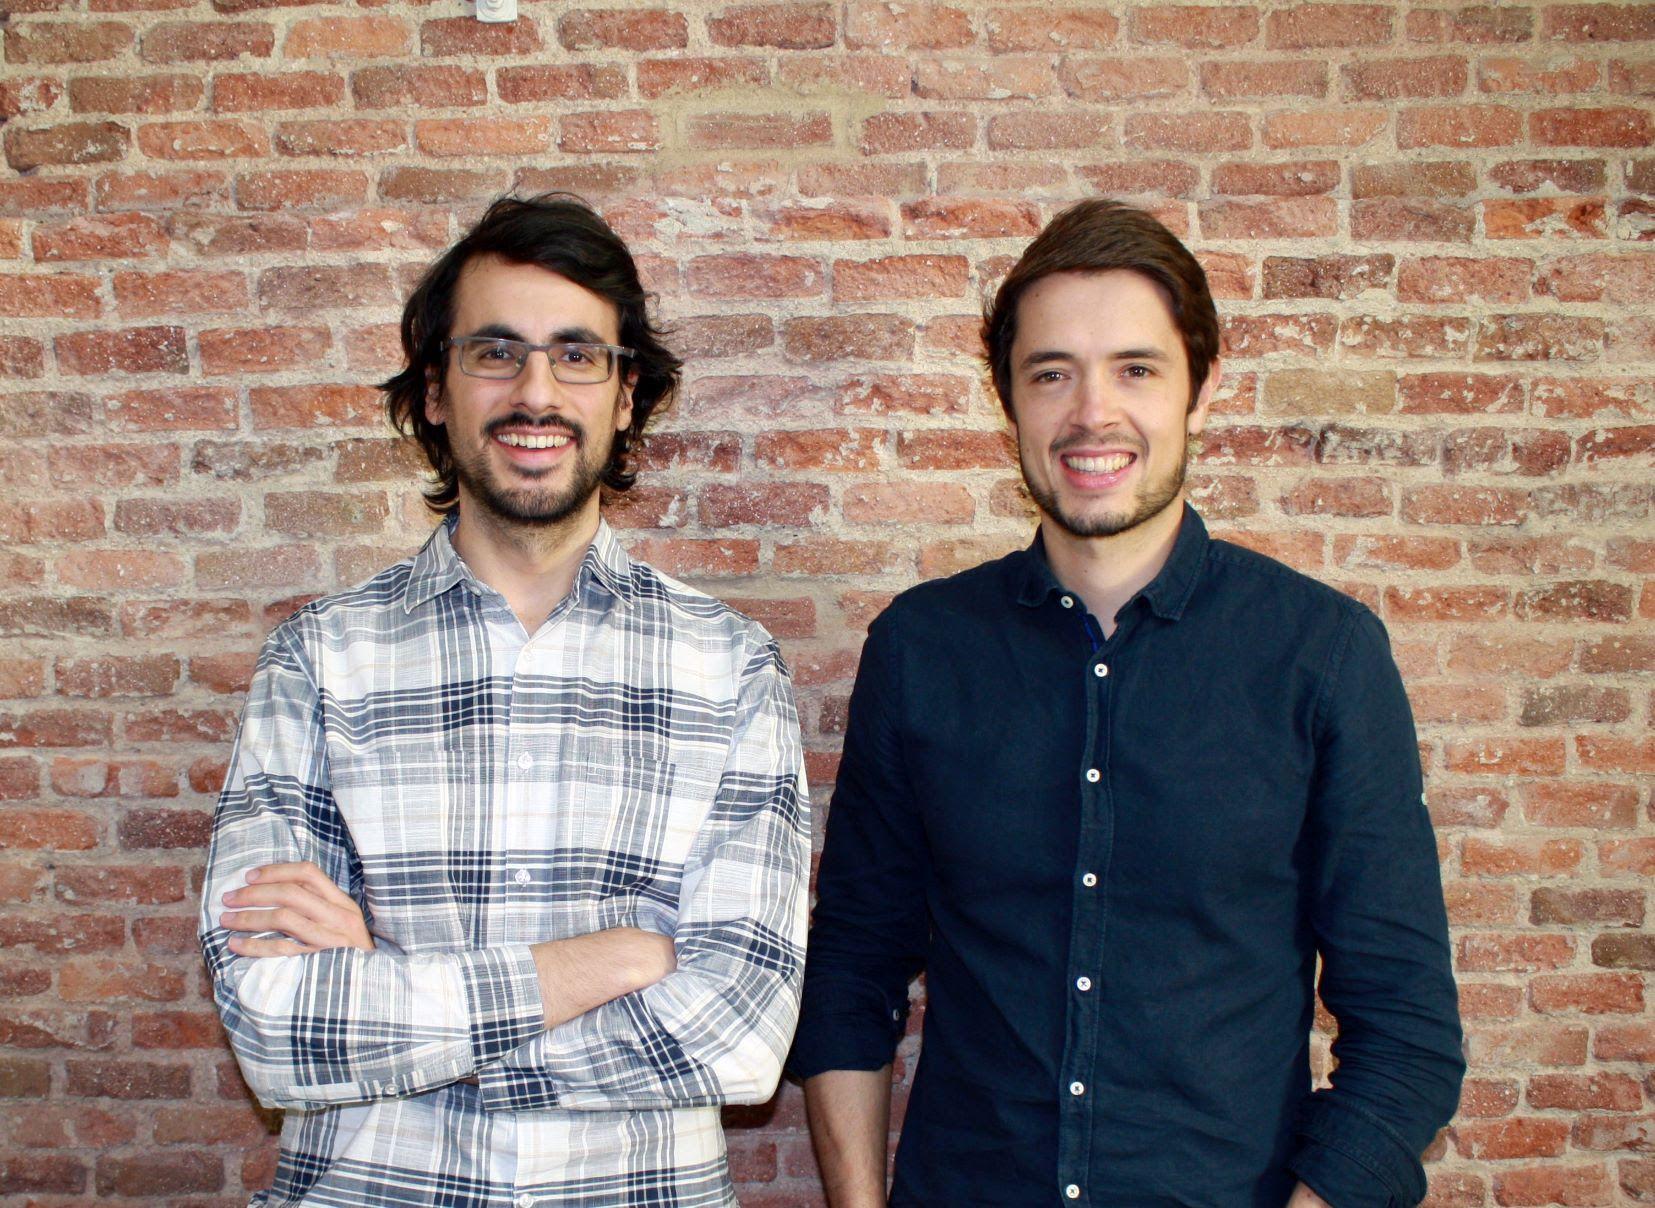 Fotografia Daniel Olea (izda.) y Borja Aranguren son los cofundadores